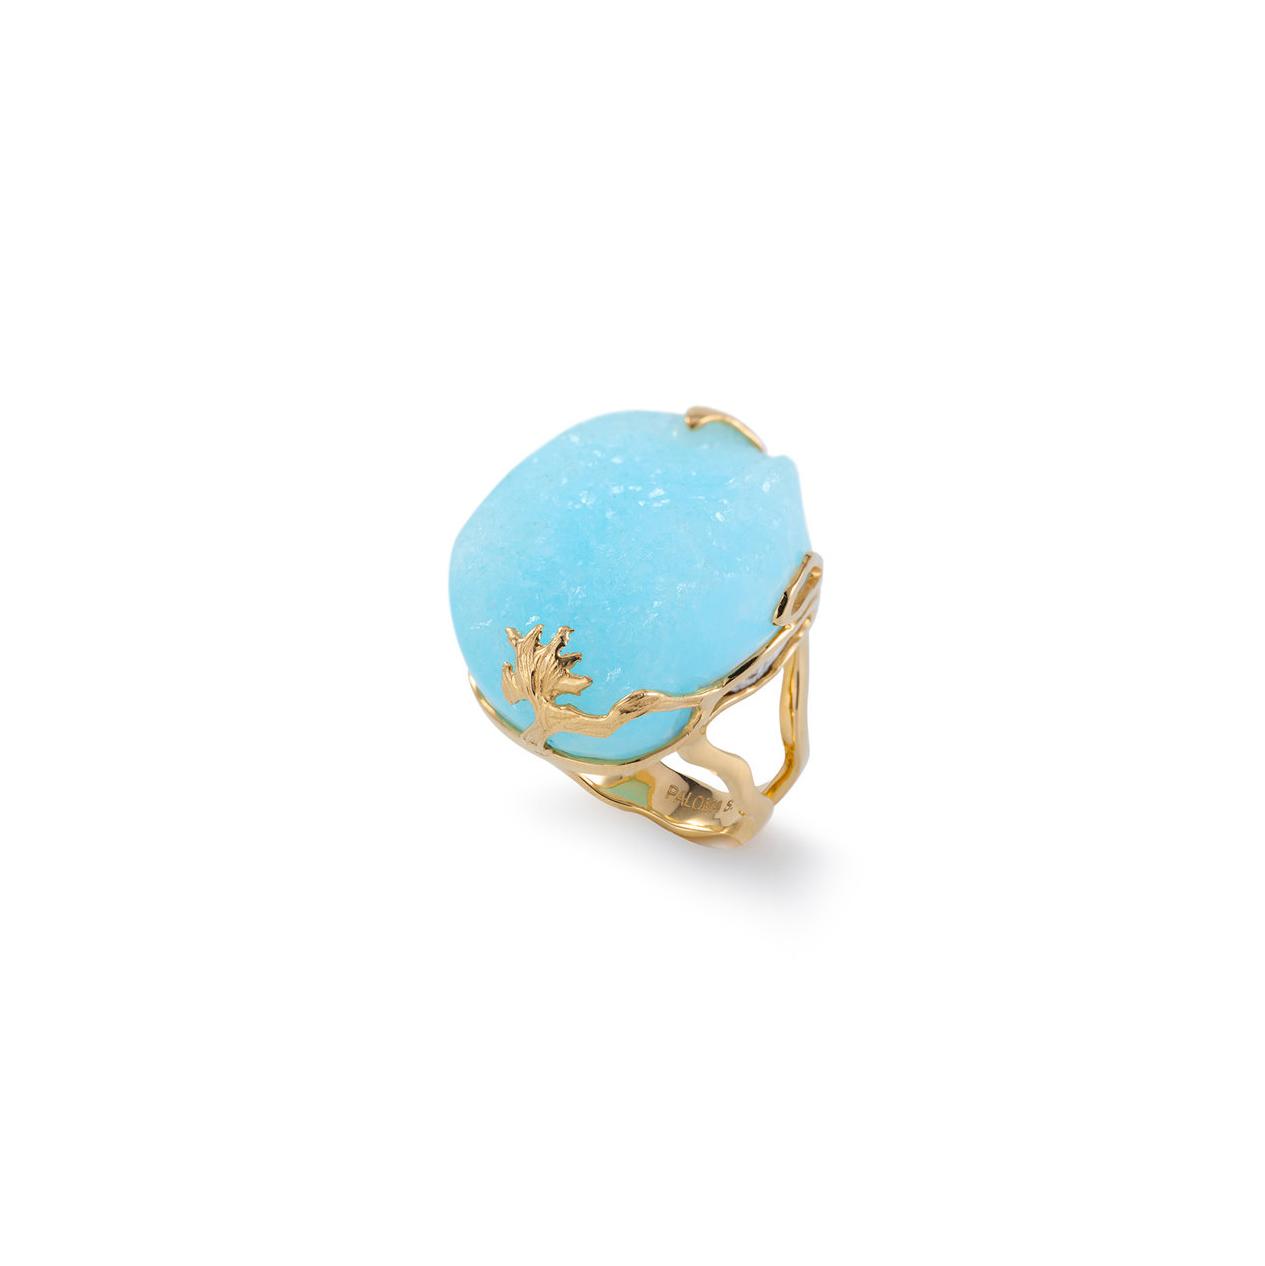 异极矿戒指,18K黄金镶嵌